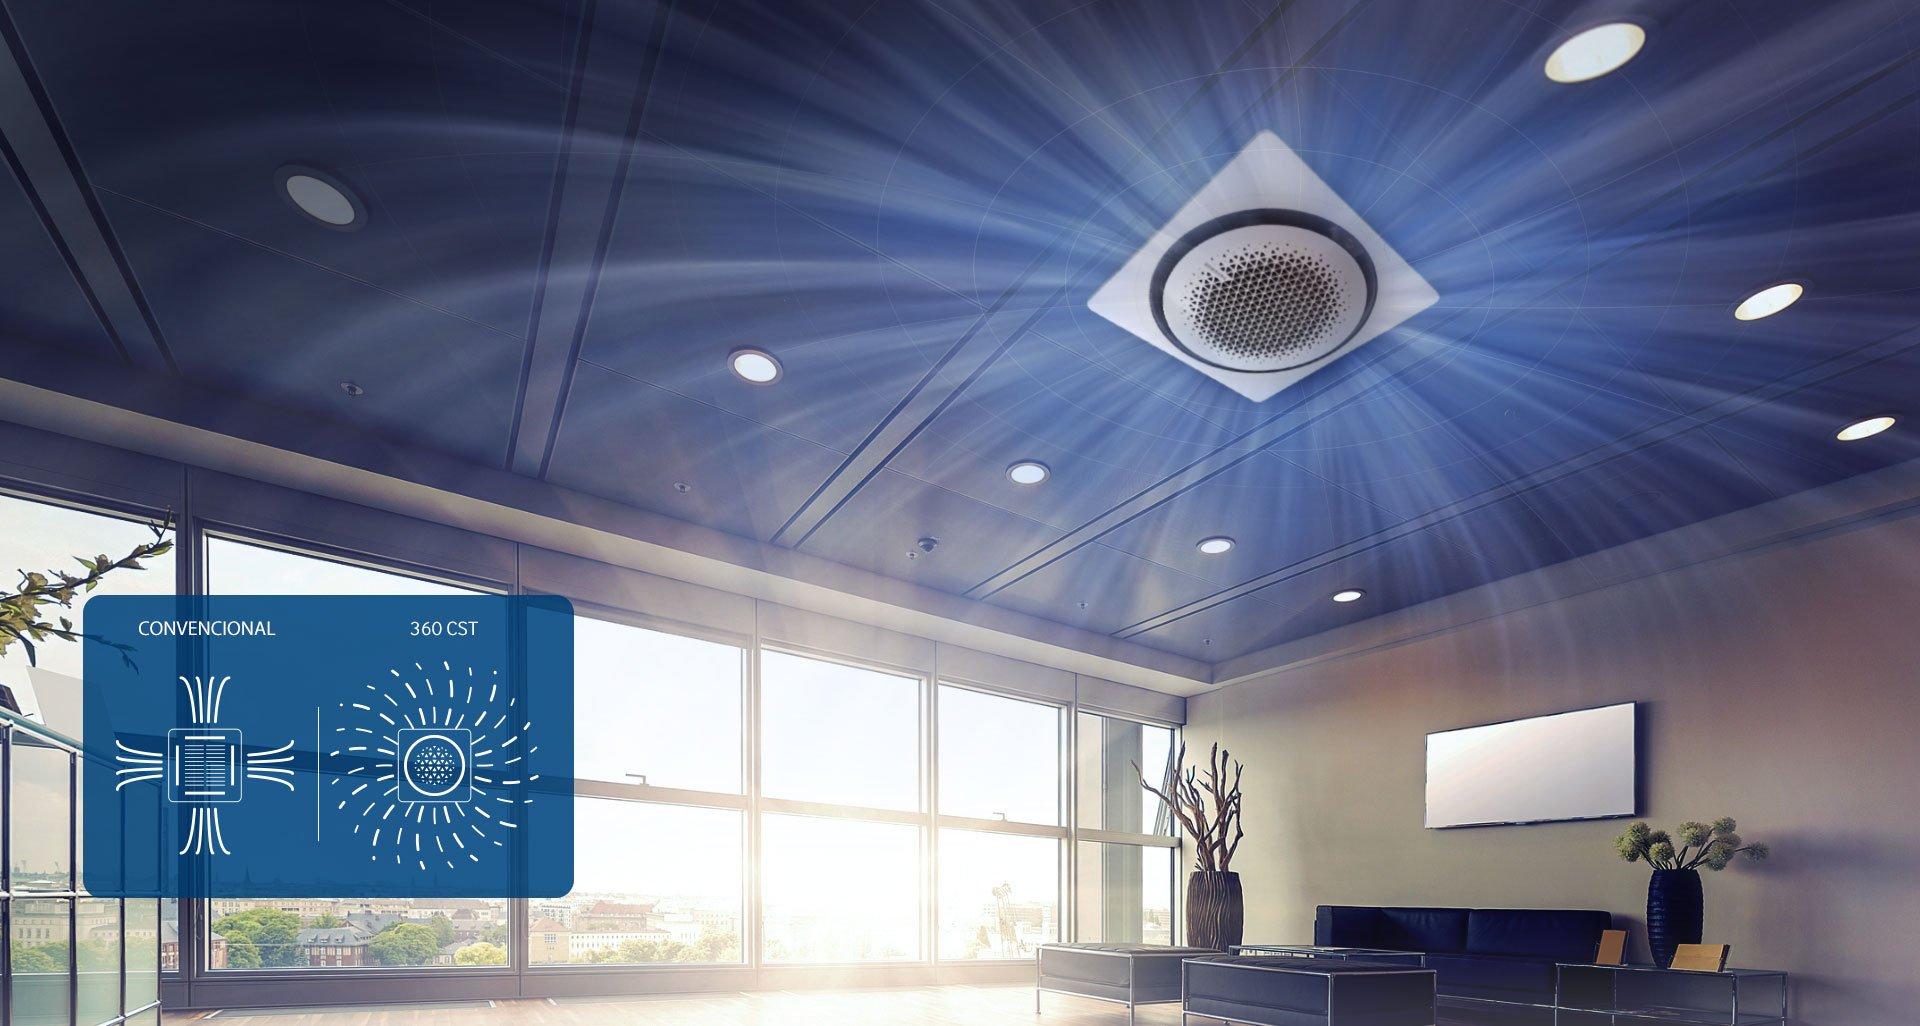 แอร์ Samsung 360 Cassette ดีไซน์นวัตกรรมใหม่ แอร์ฝังเพดานทรงกลมตัวแรกของโลก เย็นทั่ว-หัวไม่หนาว 13 - Premium